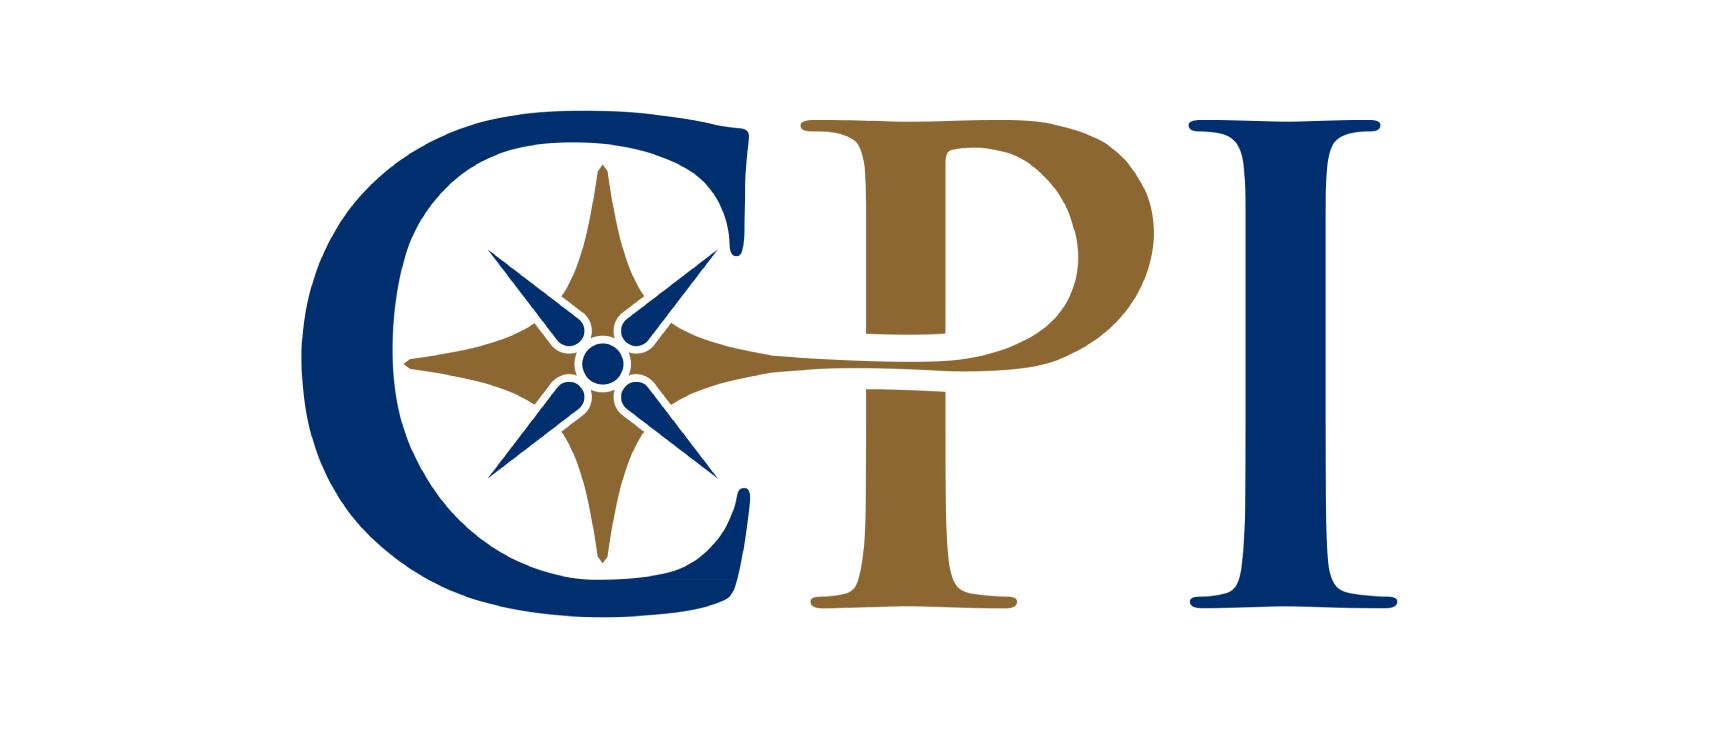 Cpi logo no words